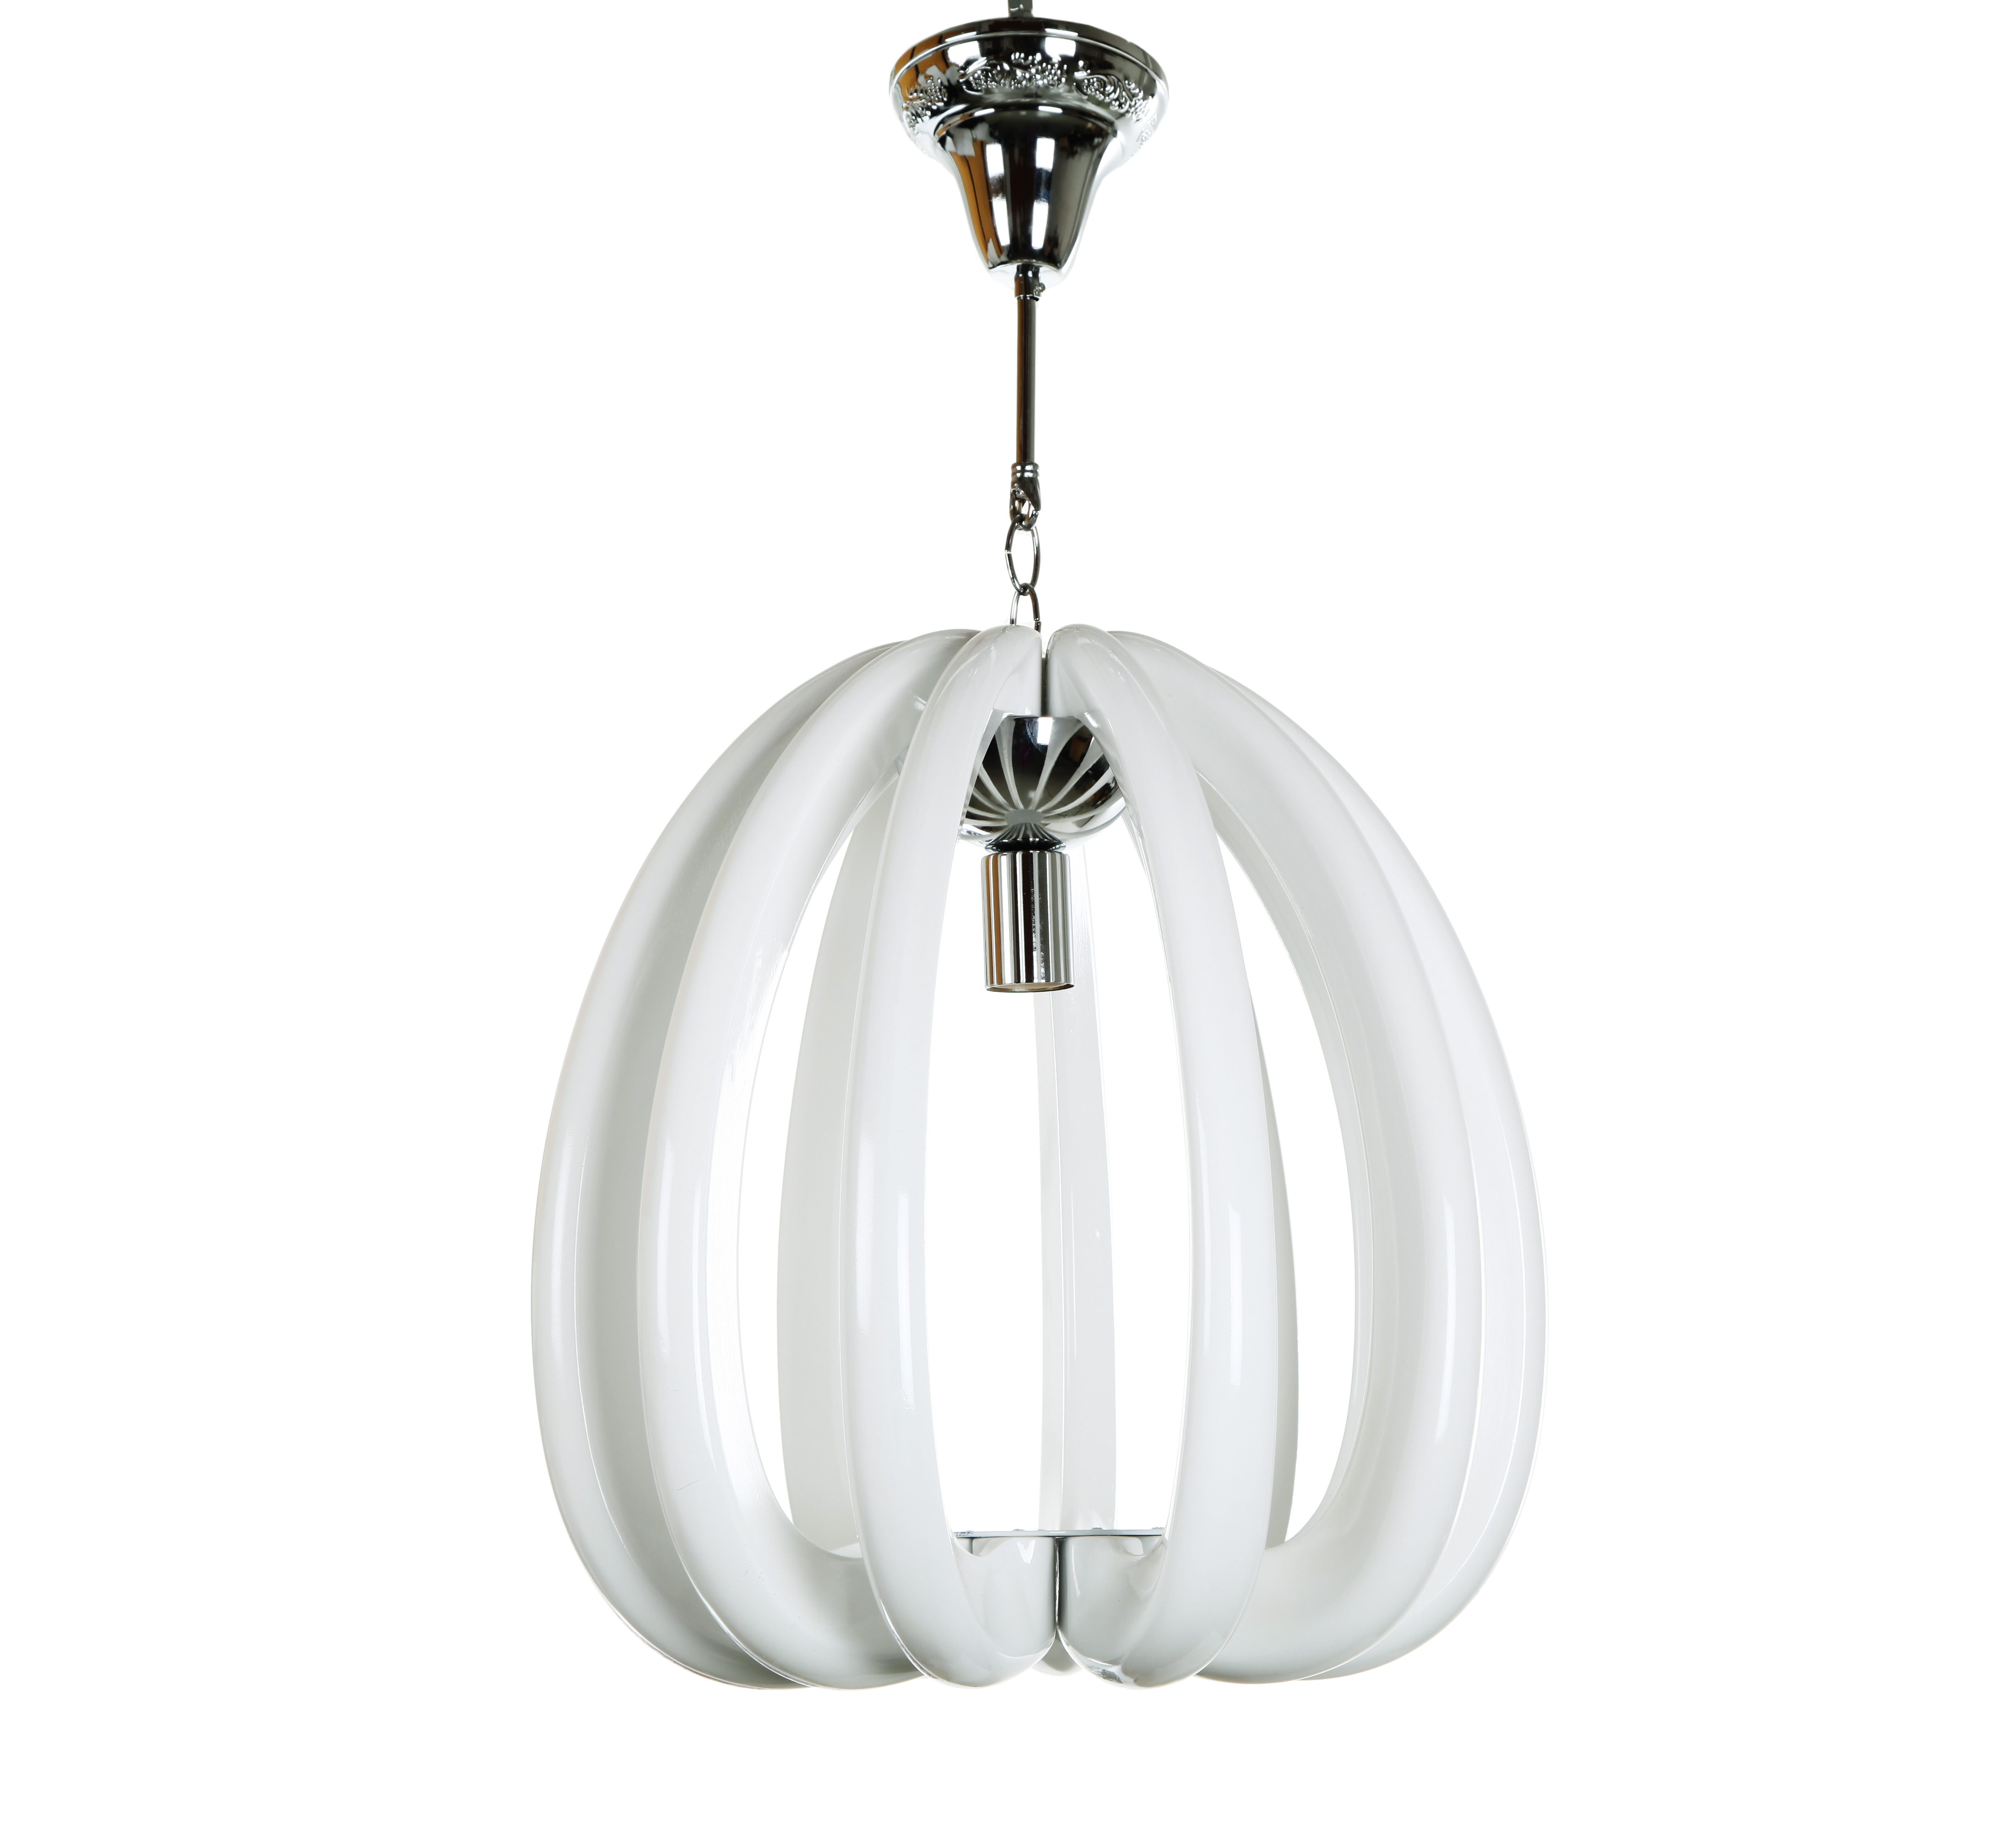 Подвесной светильник JunoПодвесные светильники<br>Оригинальная подвесной светильник Juno из <br>полимерной смолы белого цвета отличается <br>лаконичным дизайном, напоминая полураспустившийся <br>цветок хризантемы. Конструкция светильника <br>обеспечивает ненавязчивое прямое освещение <br>и замечательно впишется в современный интерьер.<br><br>Цвет: Белый<br>Материал: Полимерная смола<br>Вес кг: 5,6<br>Длина см: 45<br>Ширина см: 45<br>Высота см: 46